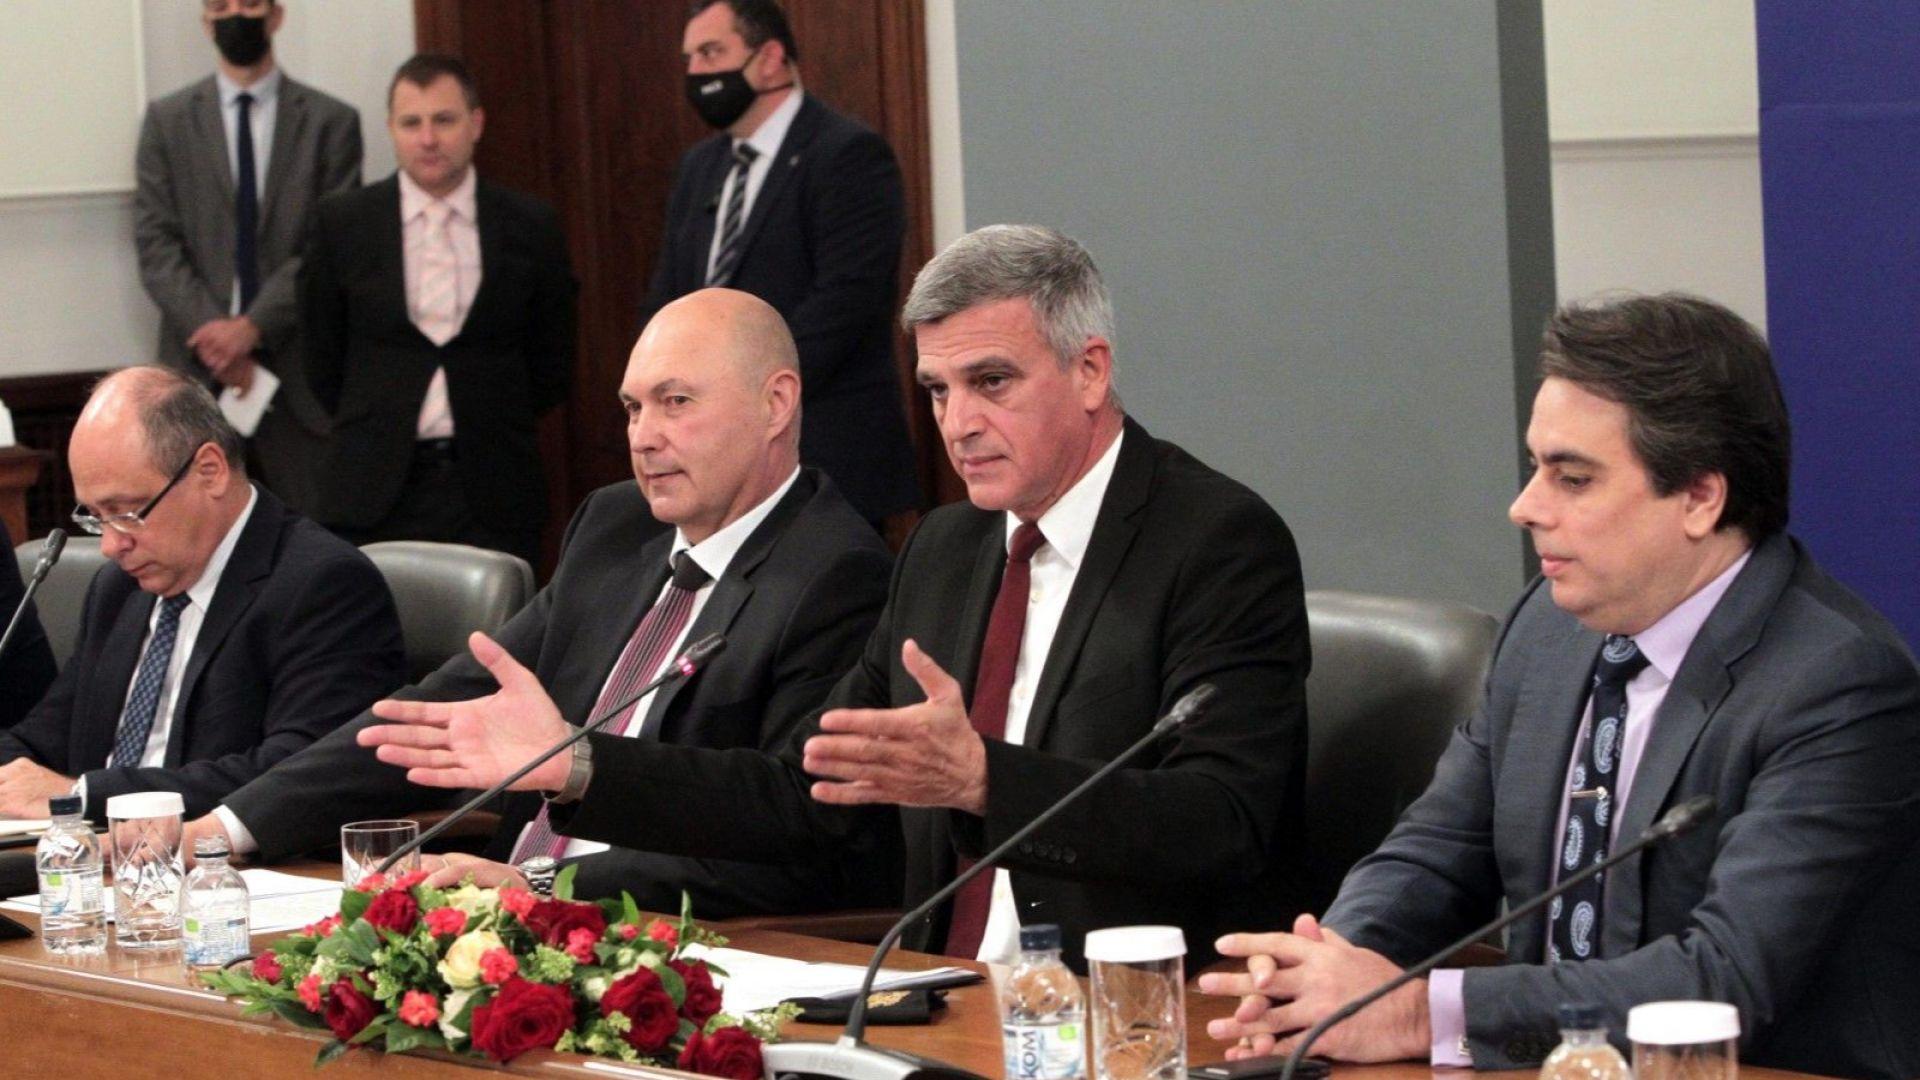 Стефан Янев: Основната ни задача е да организираме честни и прозрачни избори